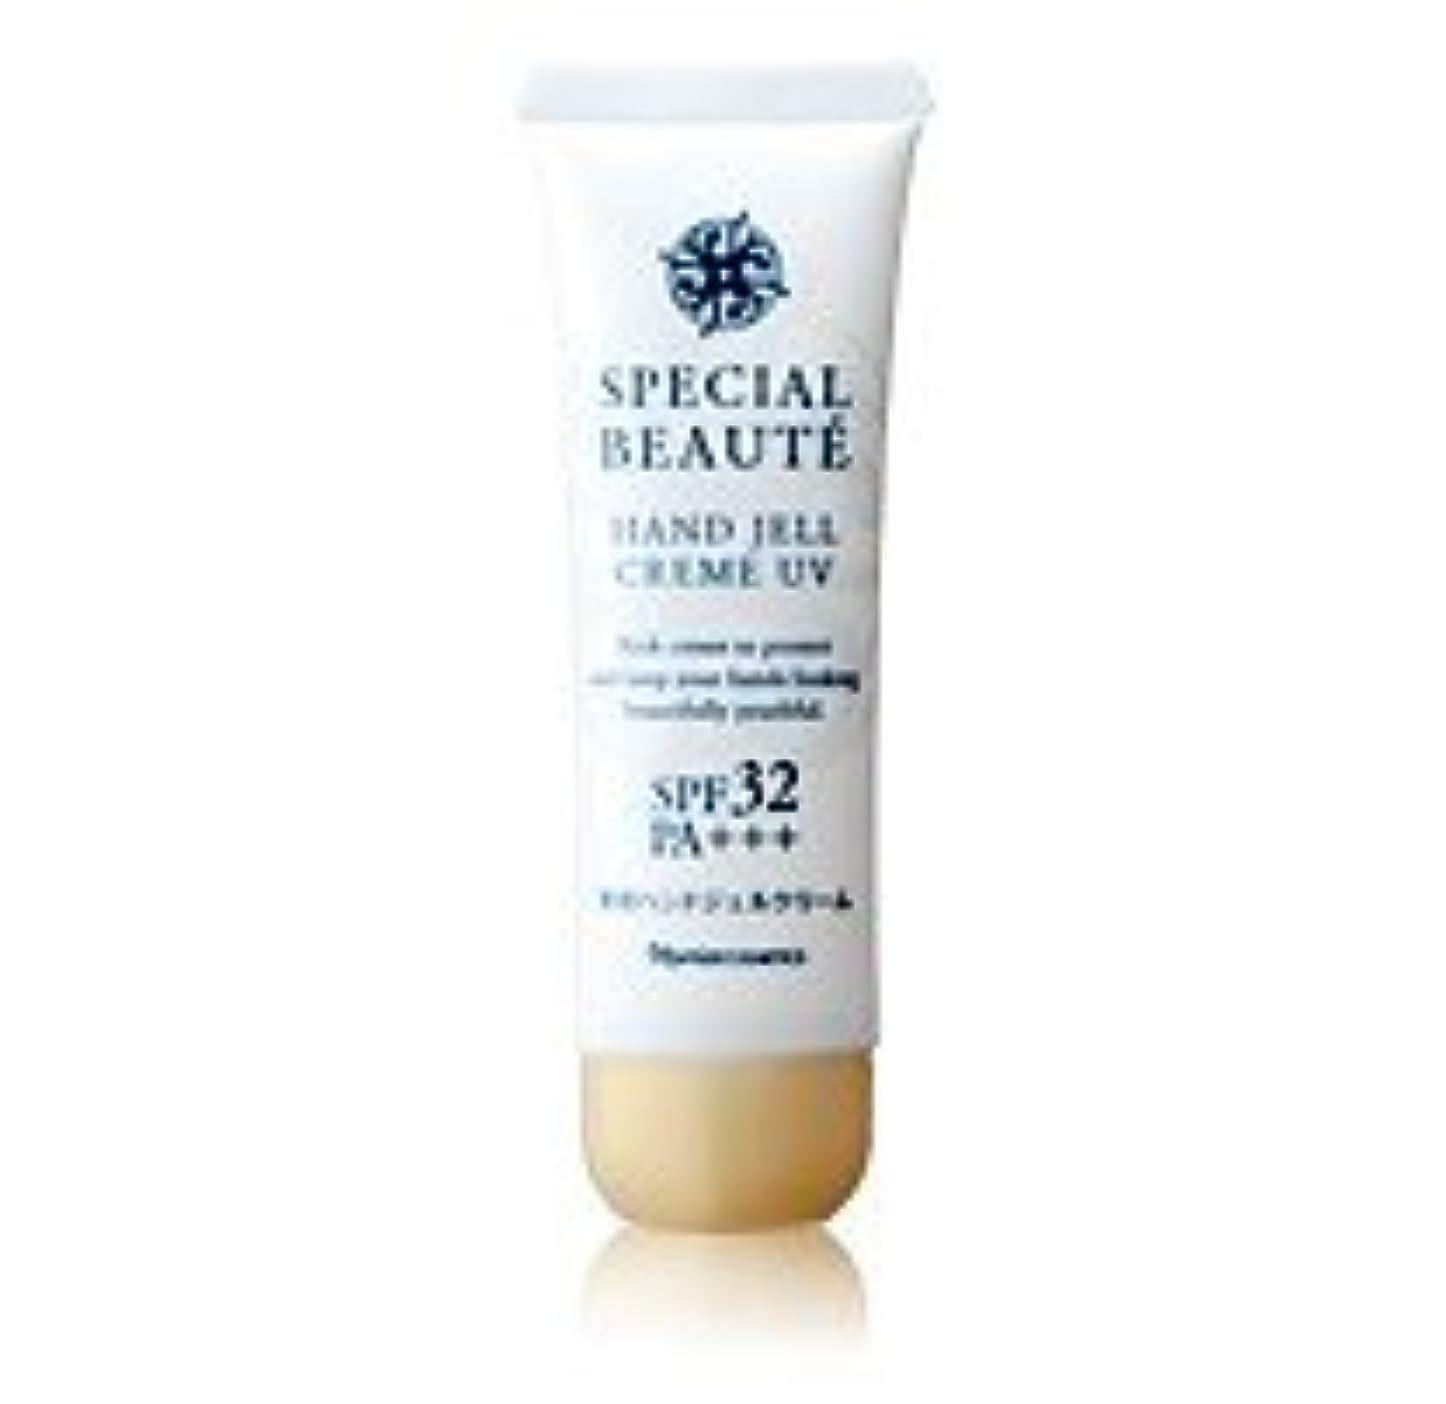 理想的ひばり理容室ナリス スペシャルボーテ 薬用ホワイト ハンドジェルクリーム UV 50g